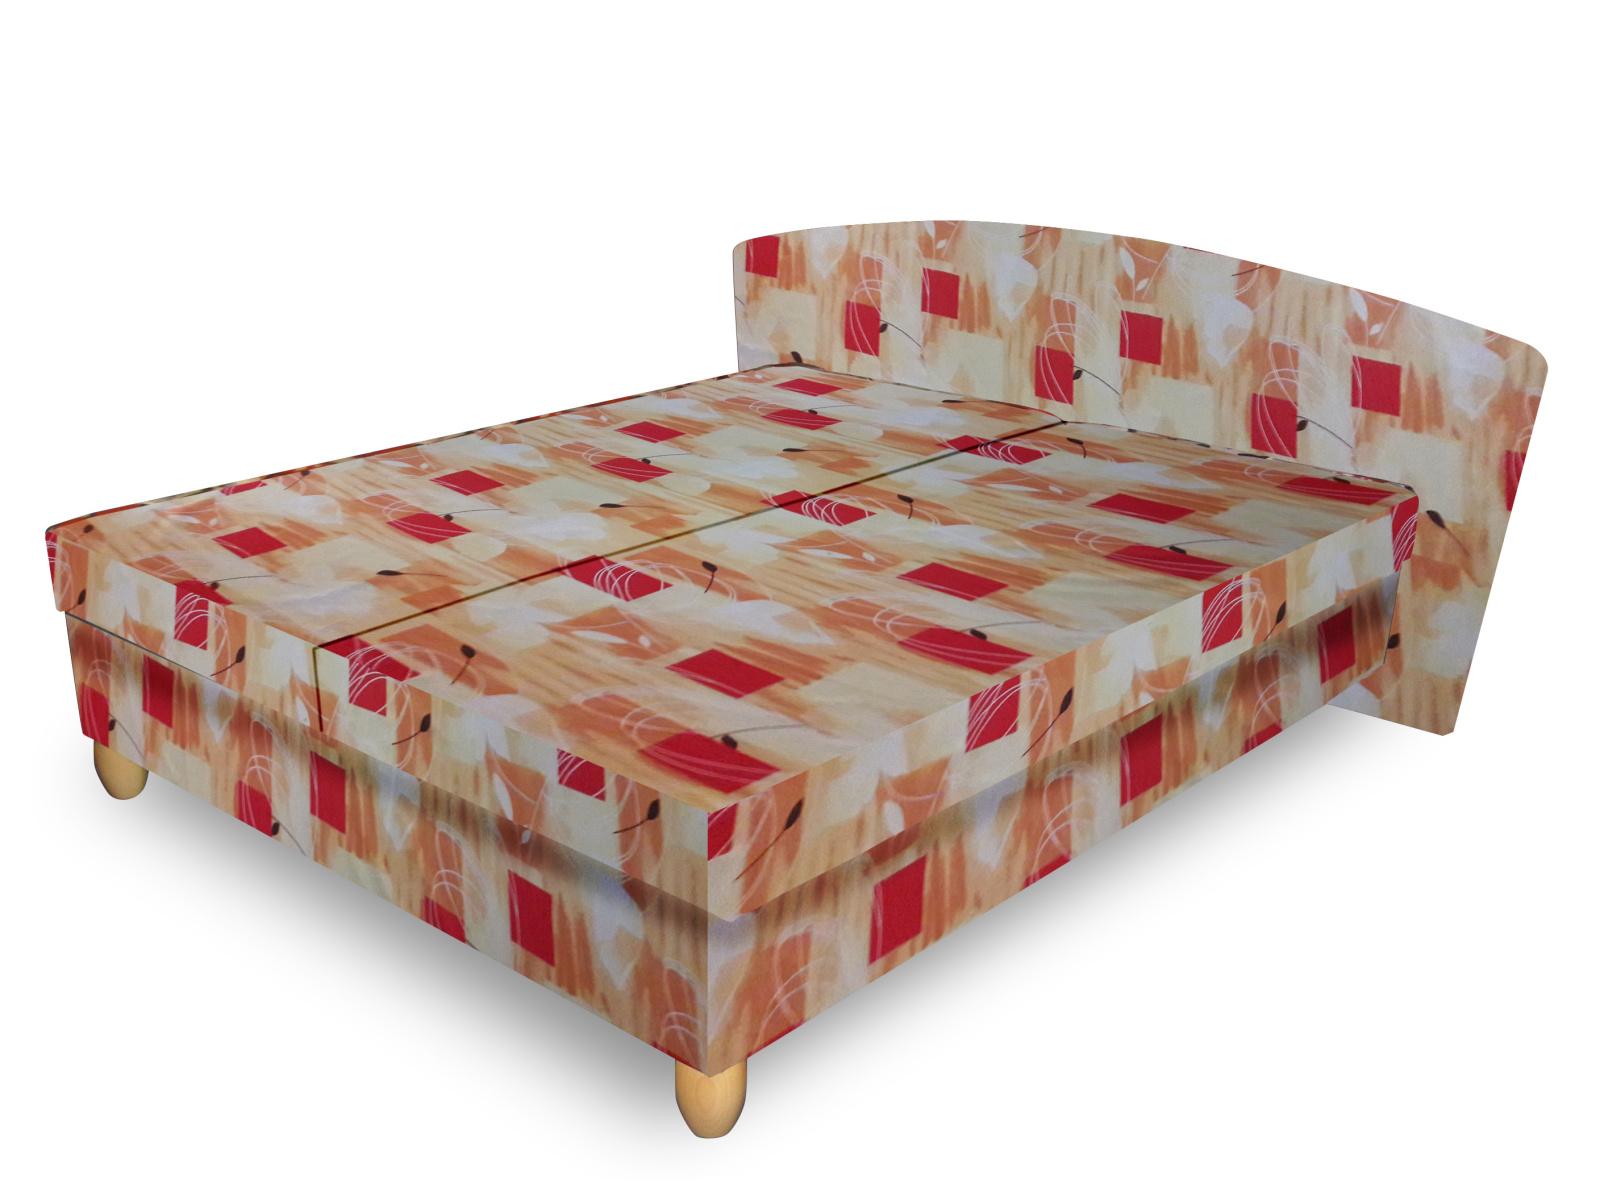 Smartshop Čalouněná postel NICOL 140x200 cm, oranžová látka